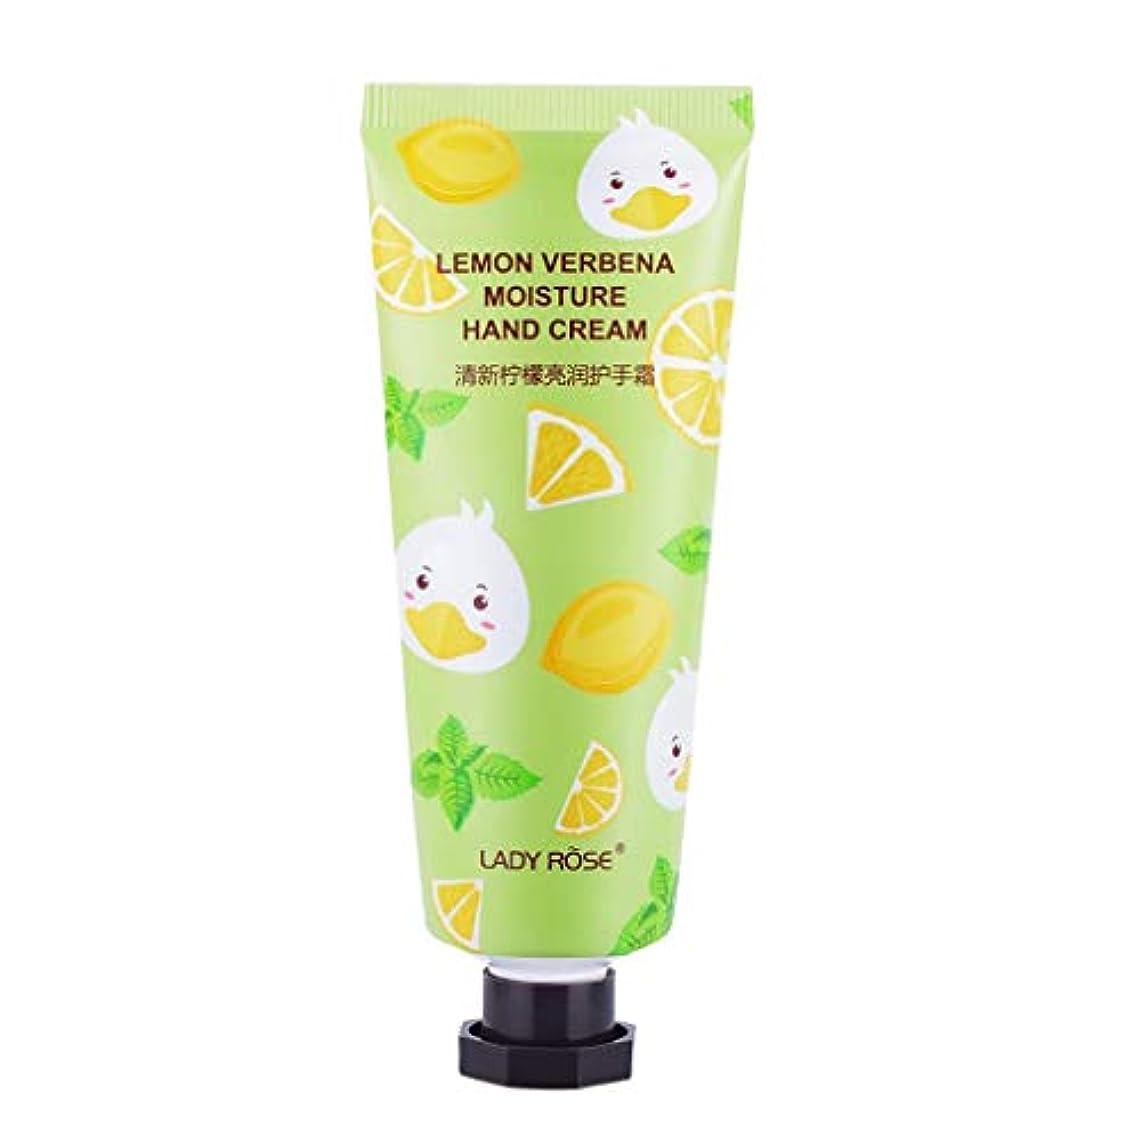 王朝事件、出来事さらにF Fityle ハンドクリーム 乾燥対策 潤い スキンケア 可愛い 香り 保湿クリーム ローション 3タイプ選べ - レモン